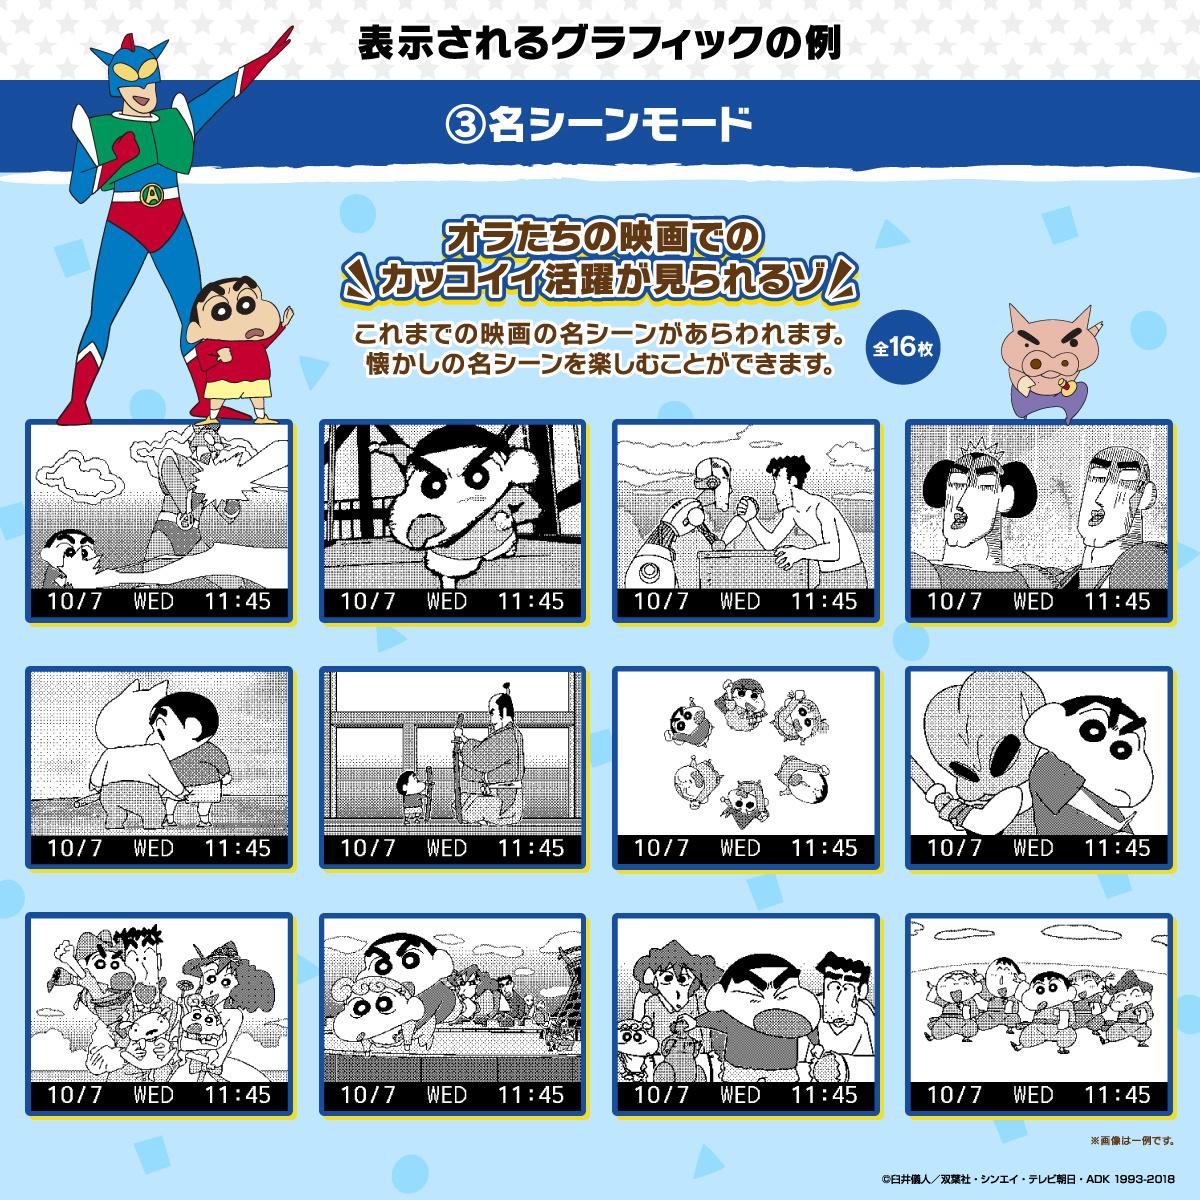 クレヨンしんちゃん』公式ポータルサイト|グッズ・イベント